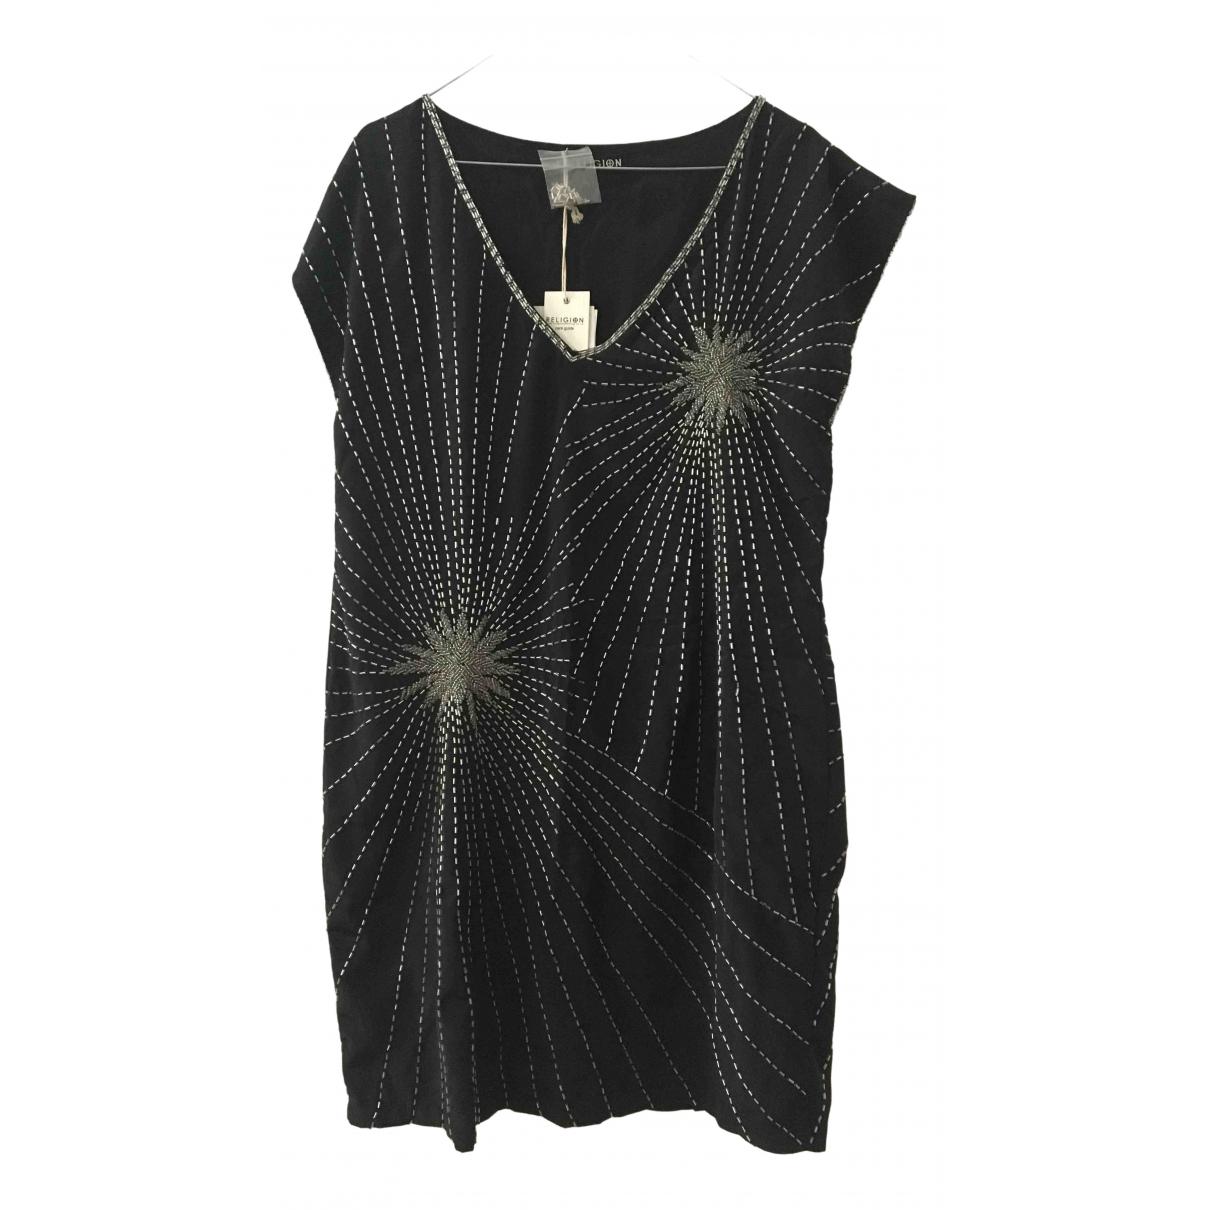 Religion \N Black dress for Women M International